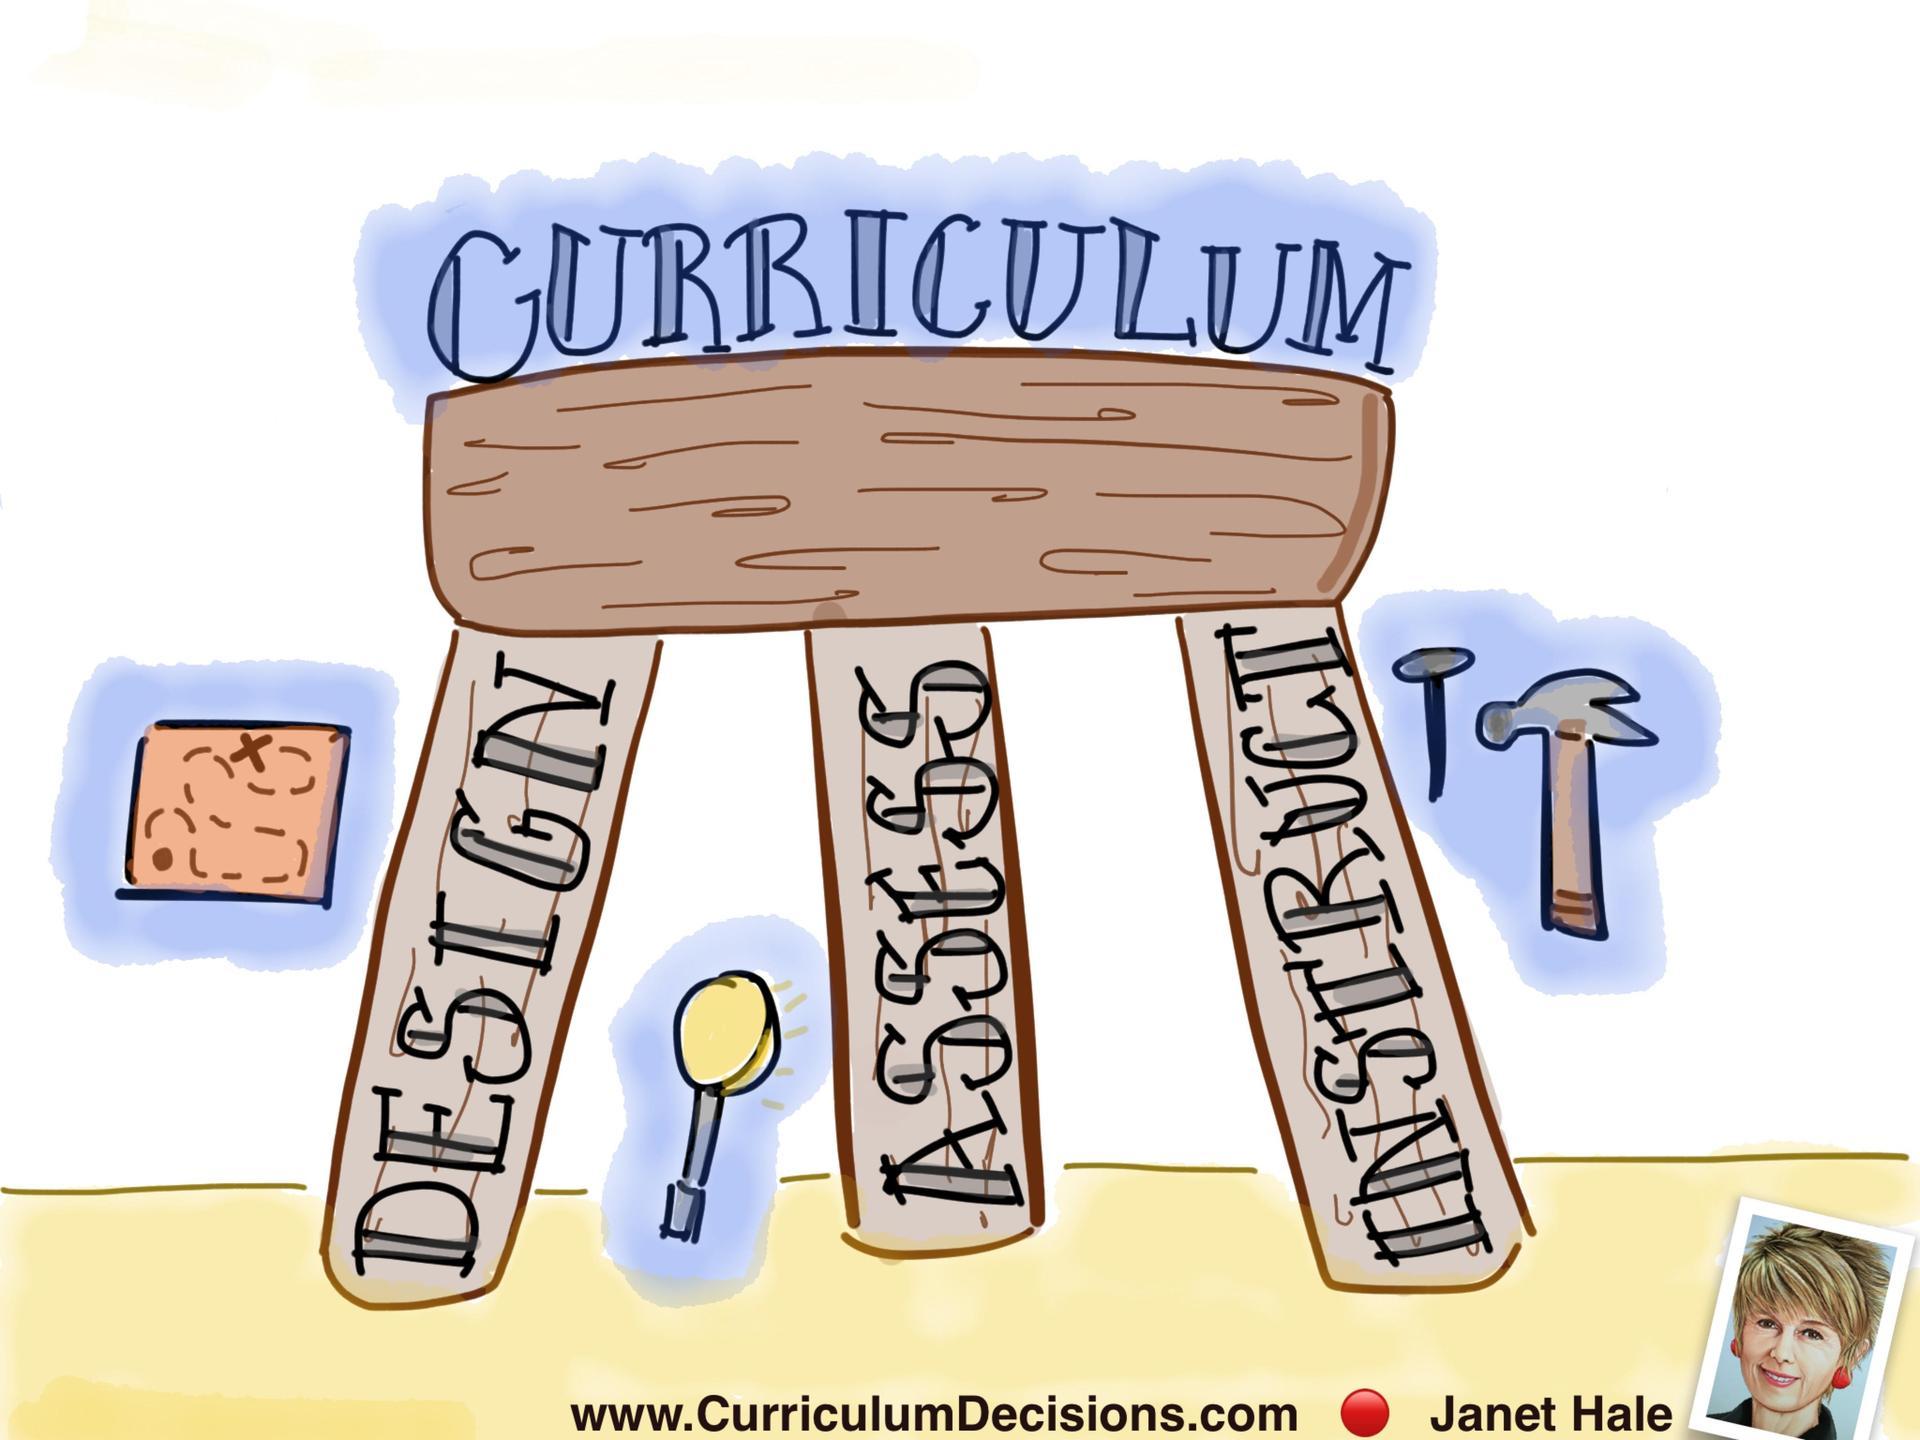 3 legged stool of design, assessment, instruction